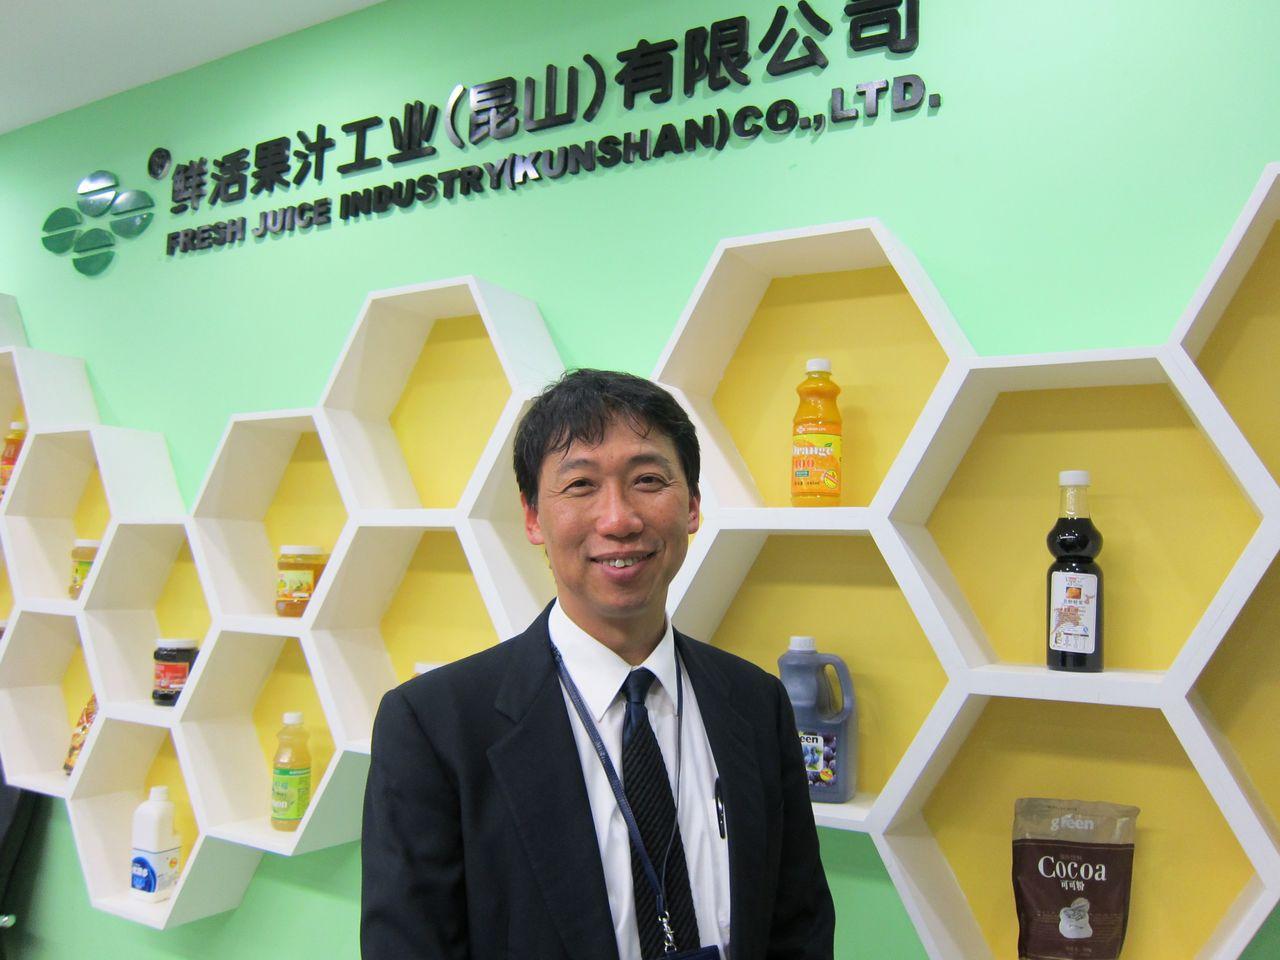 鮮活果汁董事長黃國晃。圖/聯合報系資料照片